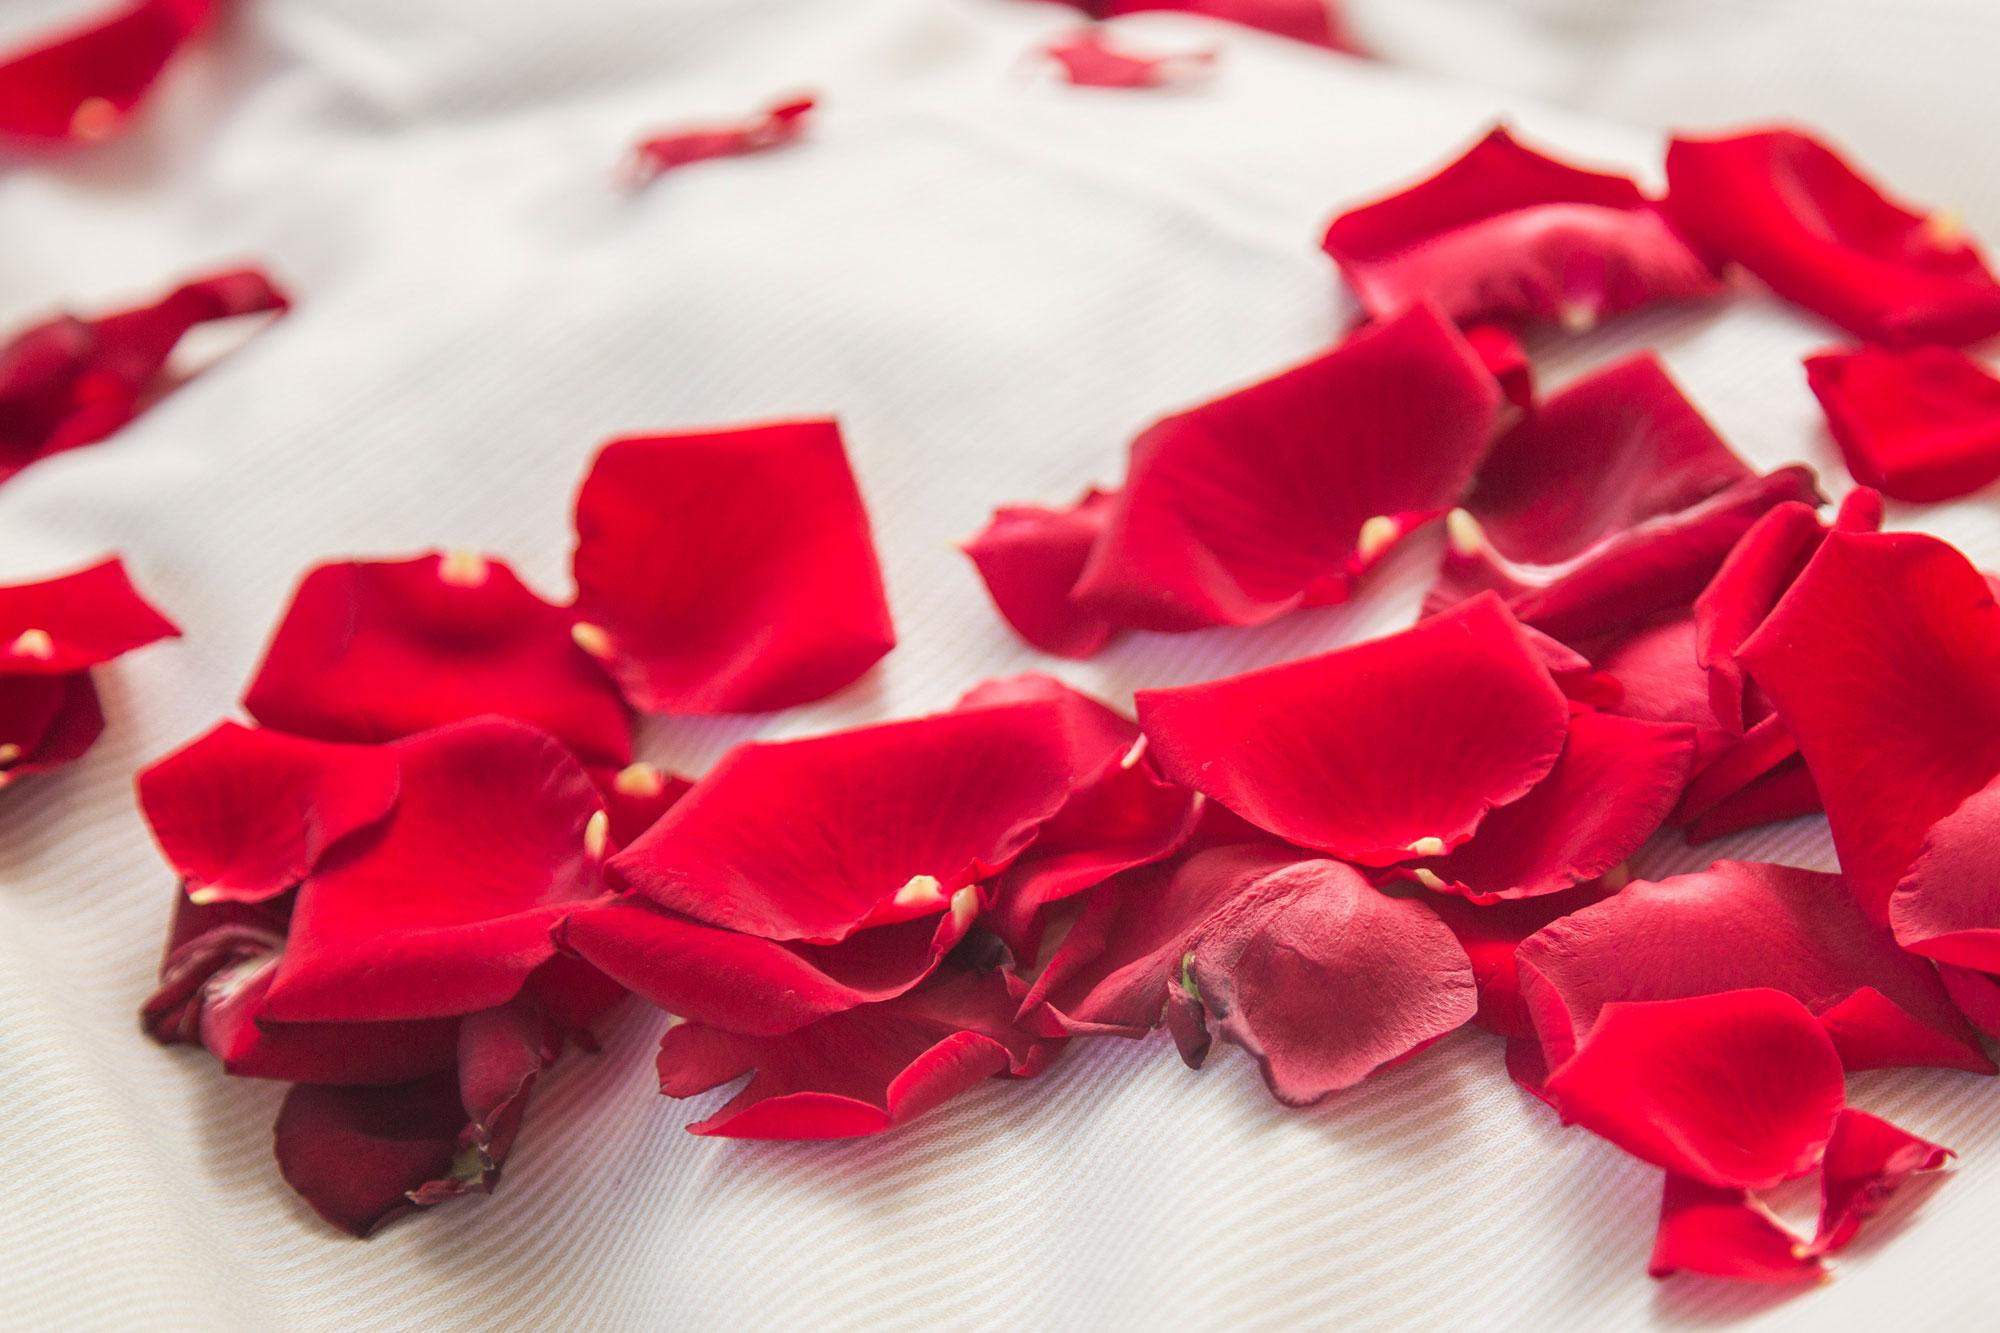 Rosenblätter auf weißem Bettlaken